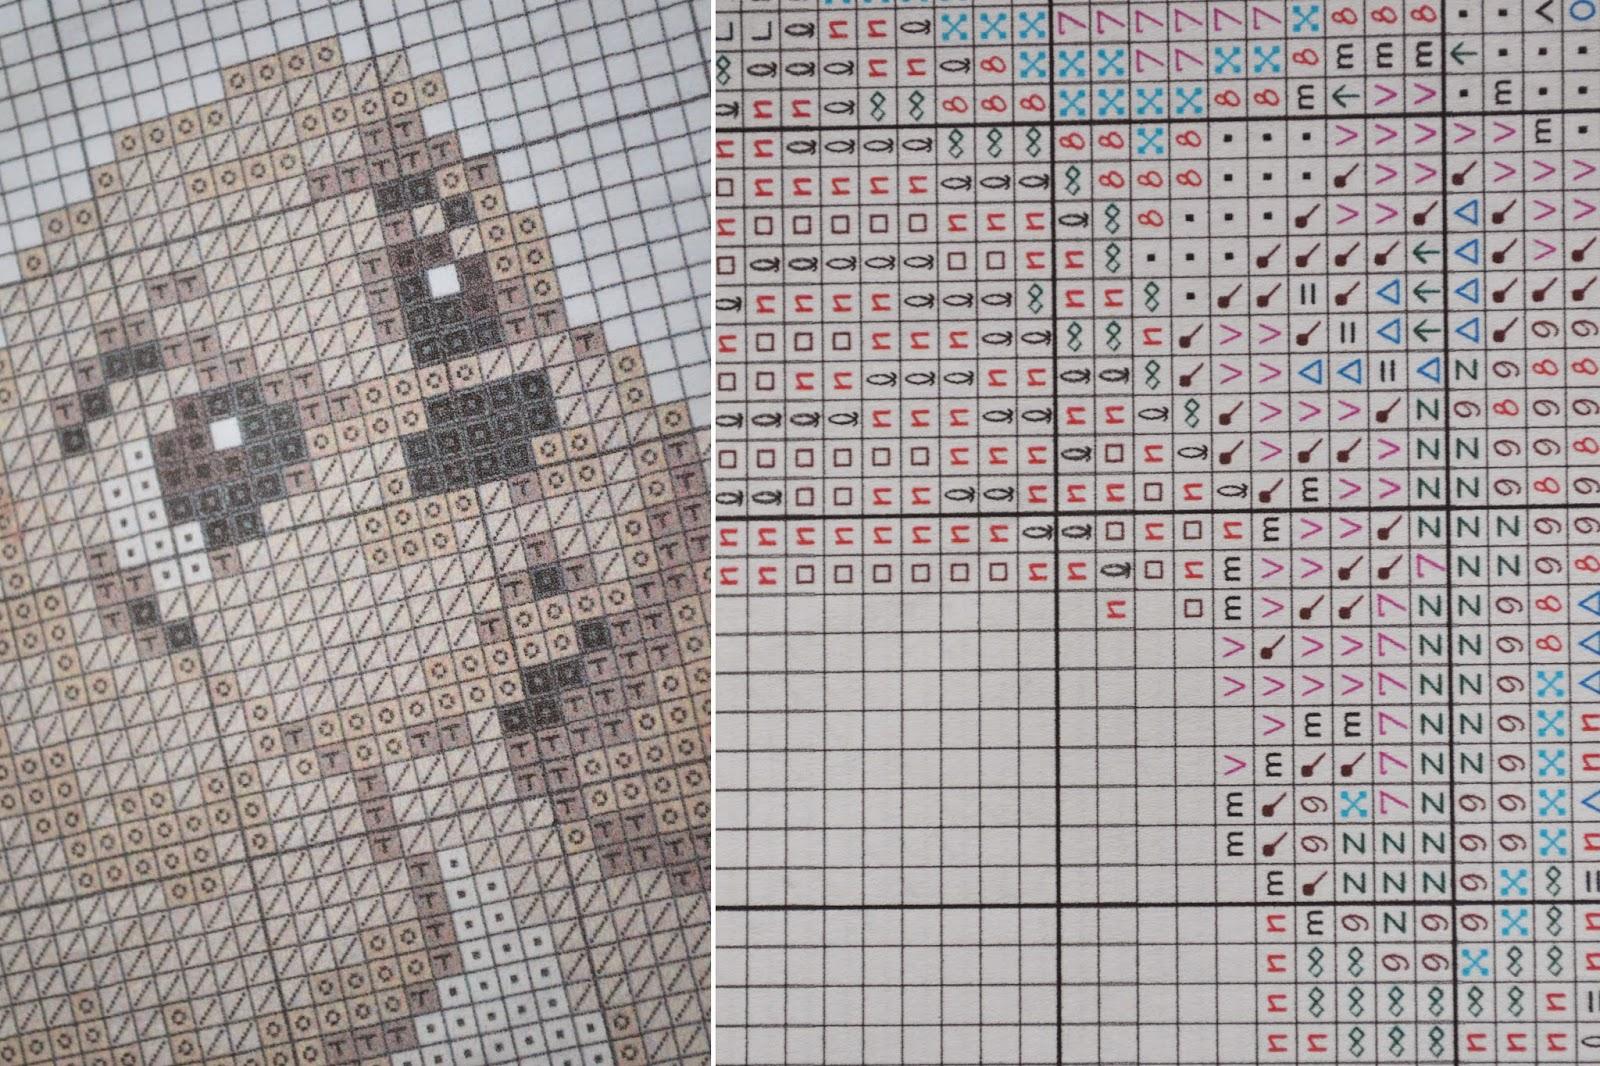 символьная схема, цветная схема, детальная схема вышивки